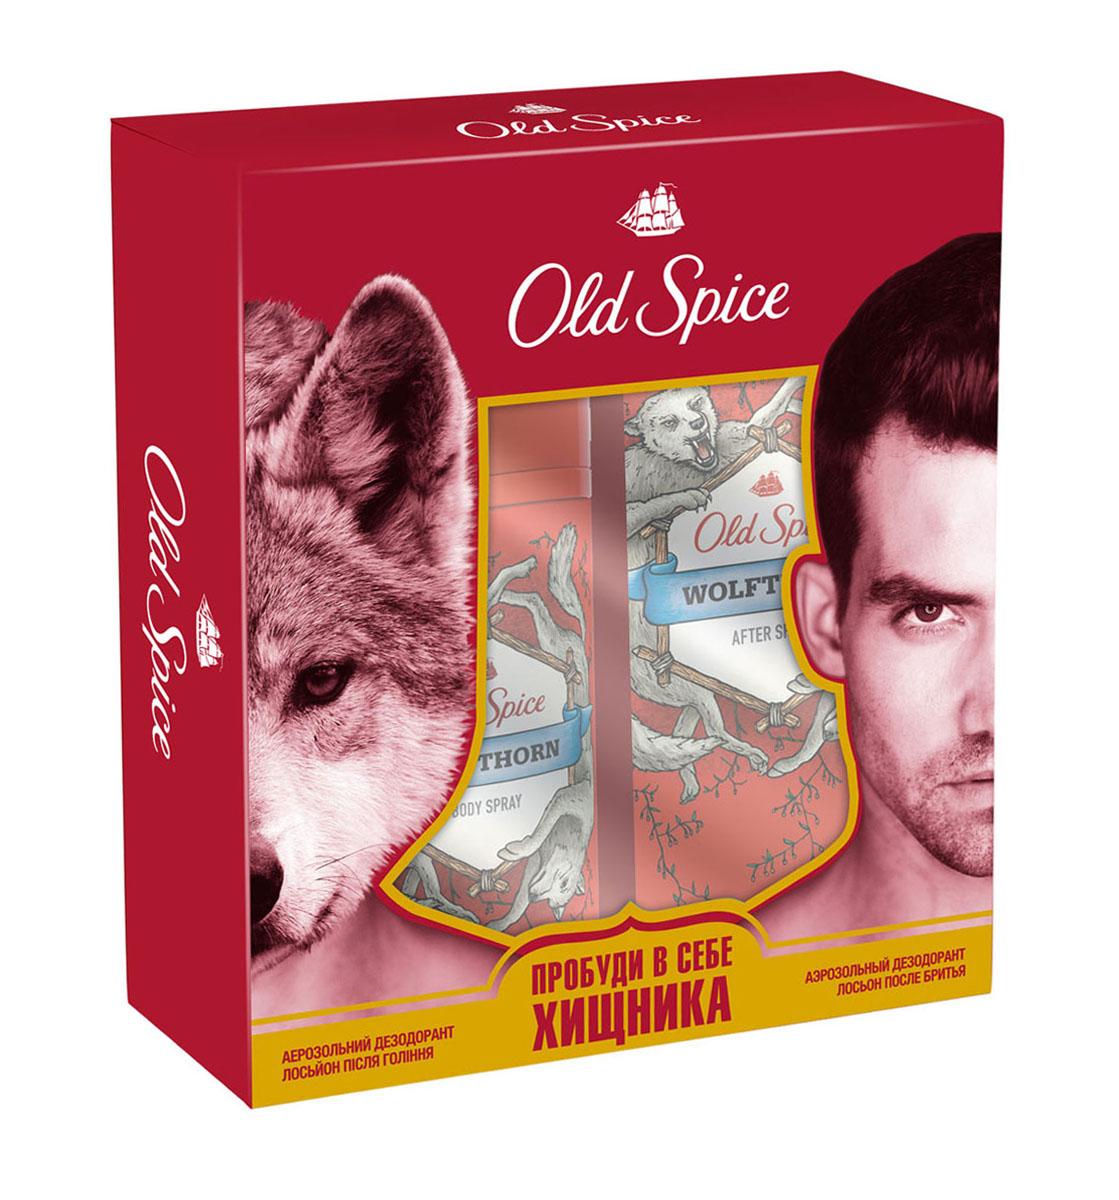 Old Spice Подарочный набор WOLFTHORN: Аэрозольный дезодорант 125 мл + Лосьон после бритья 100мл1301210Пробуди в себе хищника! Old Spice Wolfthorn – это аромат звериного желания и колючей шерсти. Если запах колючей шерсти – это не то, что ты ищешь в аромате, то как насчет этого: Wolfthorn – это аромат нежных поцелуев бабочек и таинственного леденящего взгляда, от которого даже по спинам эскимосов бегут мурашки.